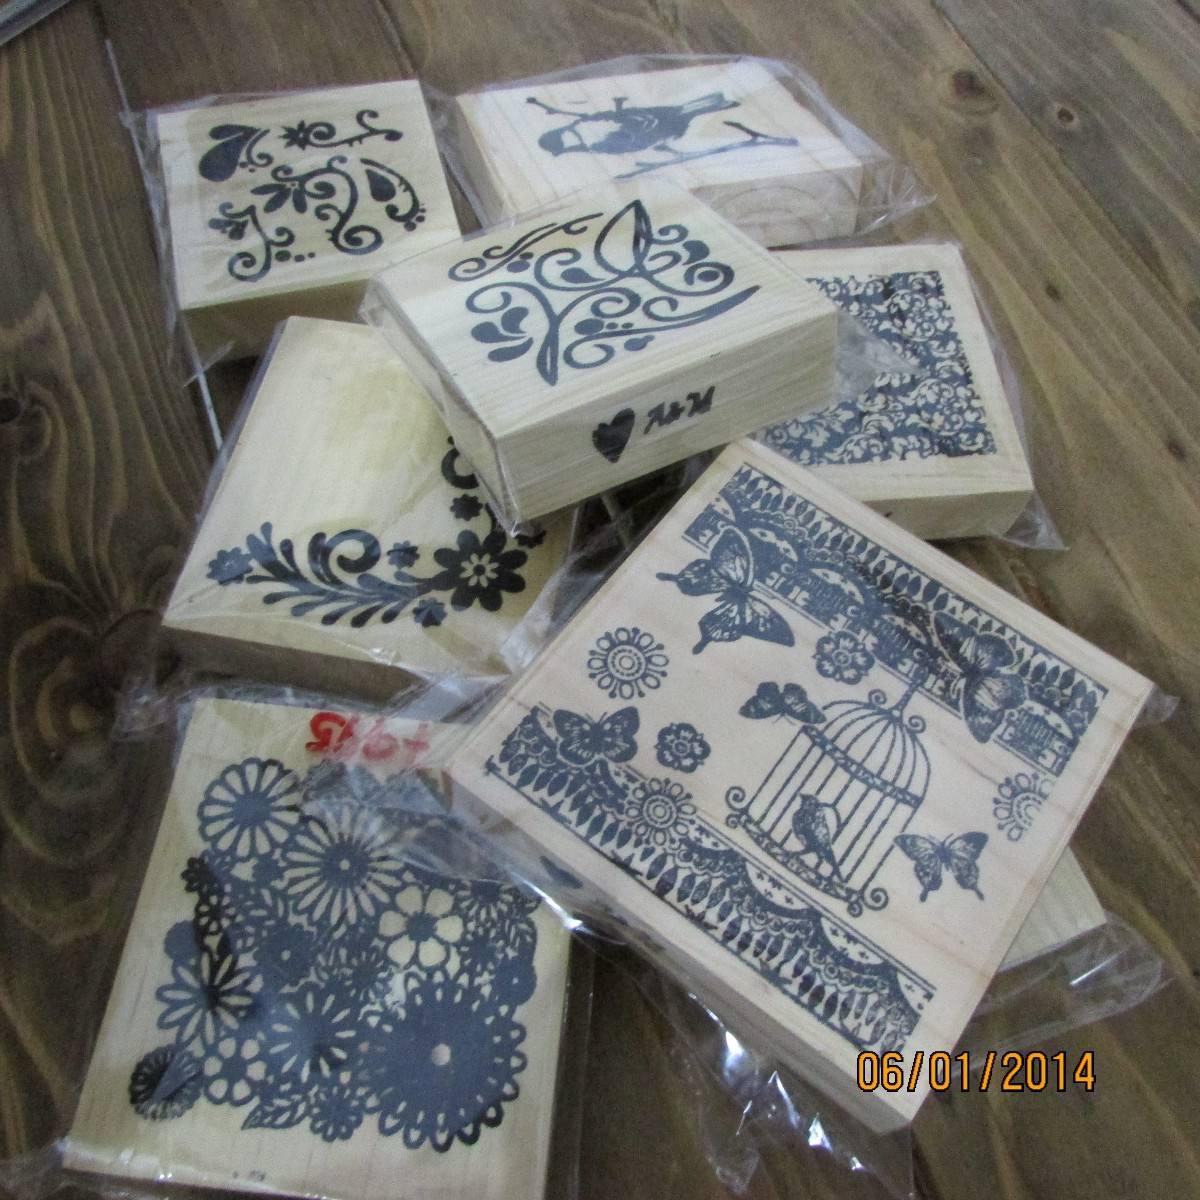 Lindos Carimbos De Madeira Para Artesanato R$ 12 50 no MercadoLivre #414D5E 1200x1200